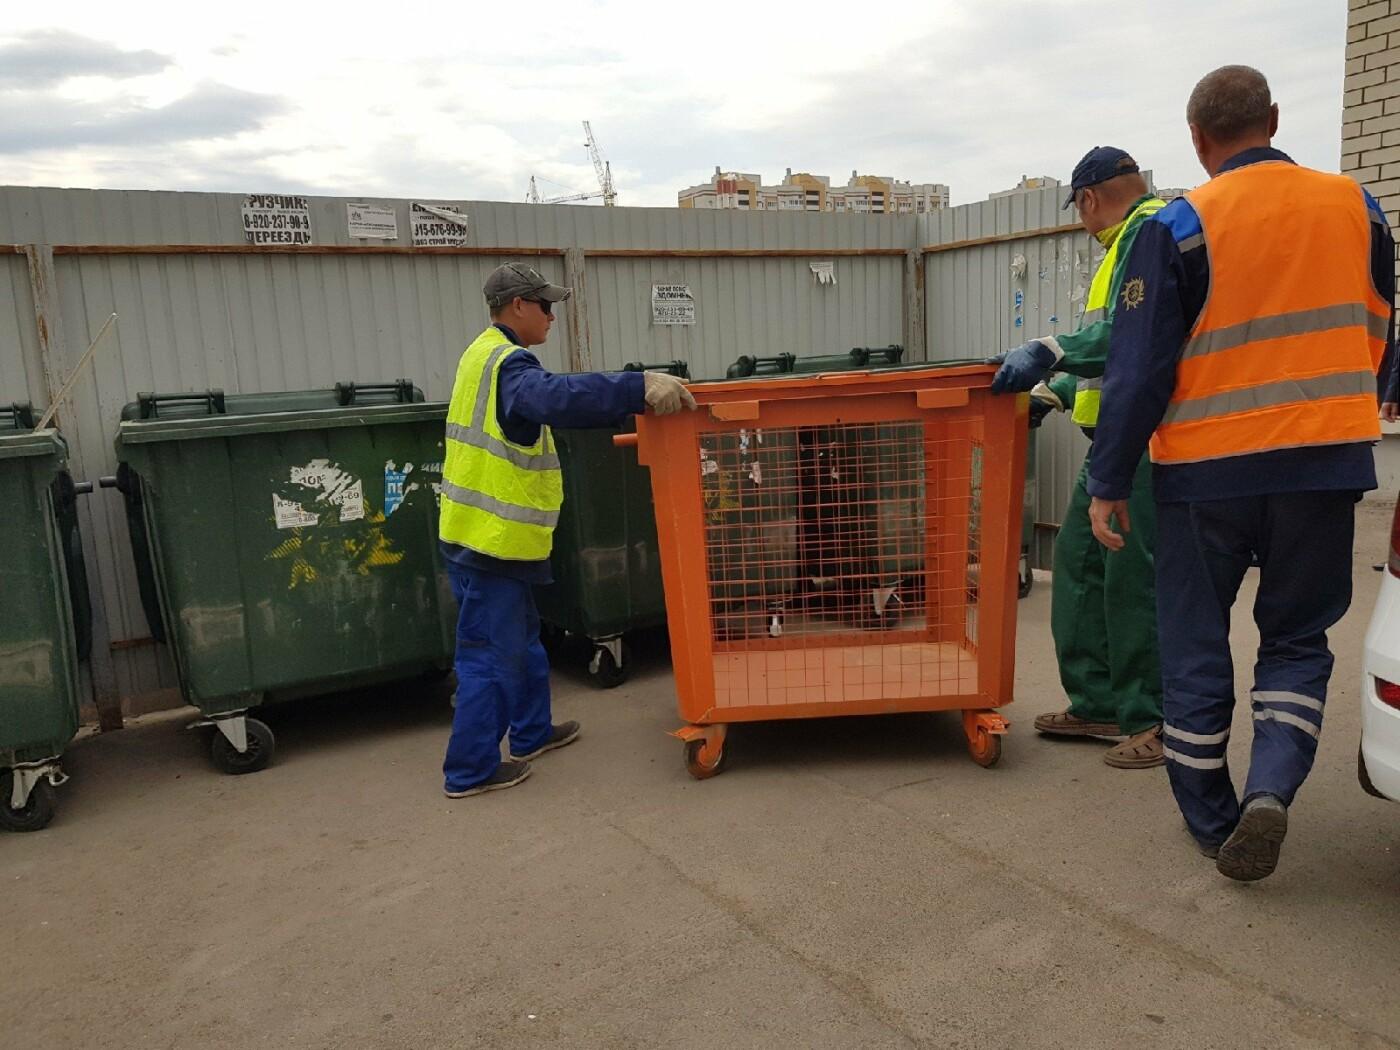 В Тамбове запустили проект по раздельному сбору мусора, фото-1